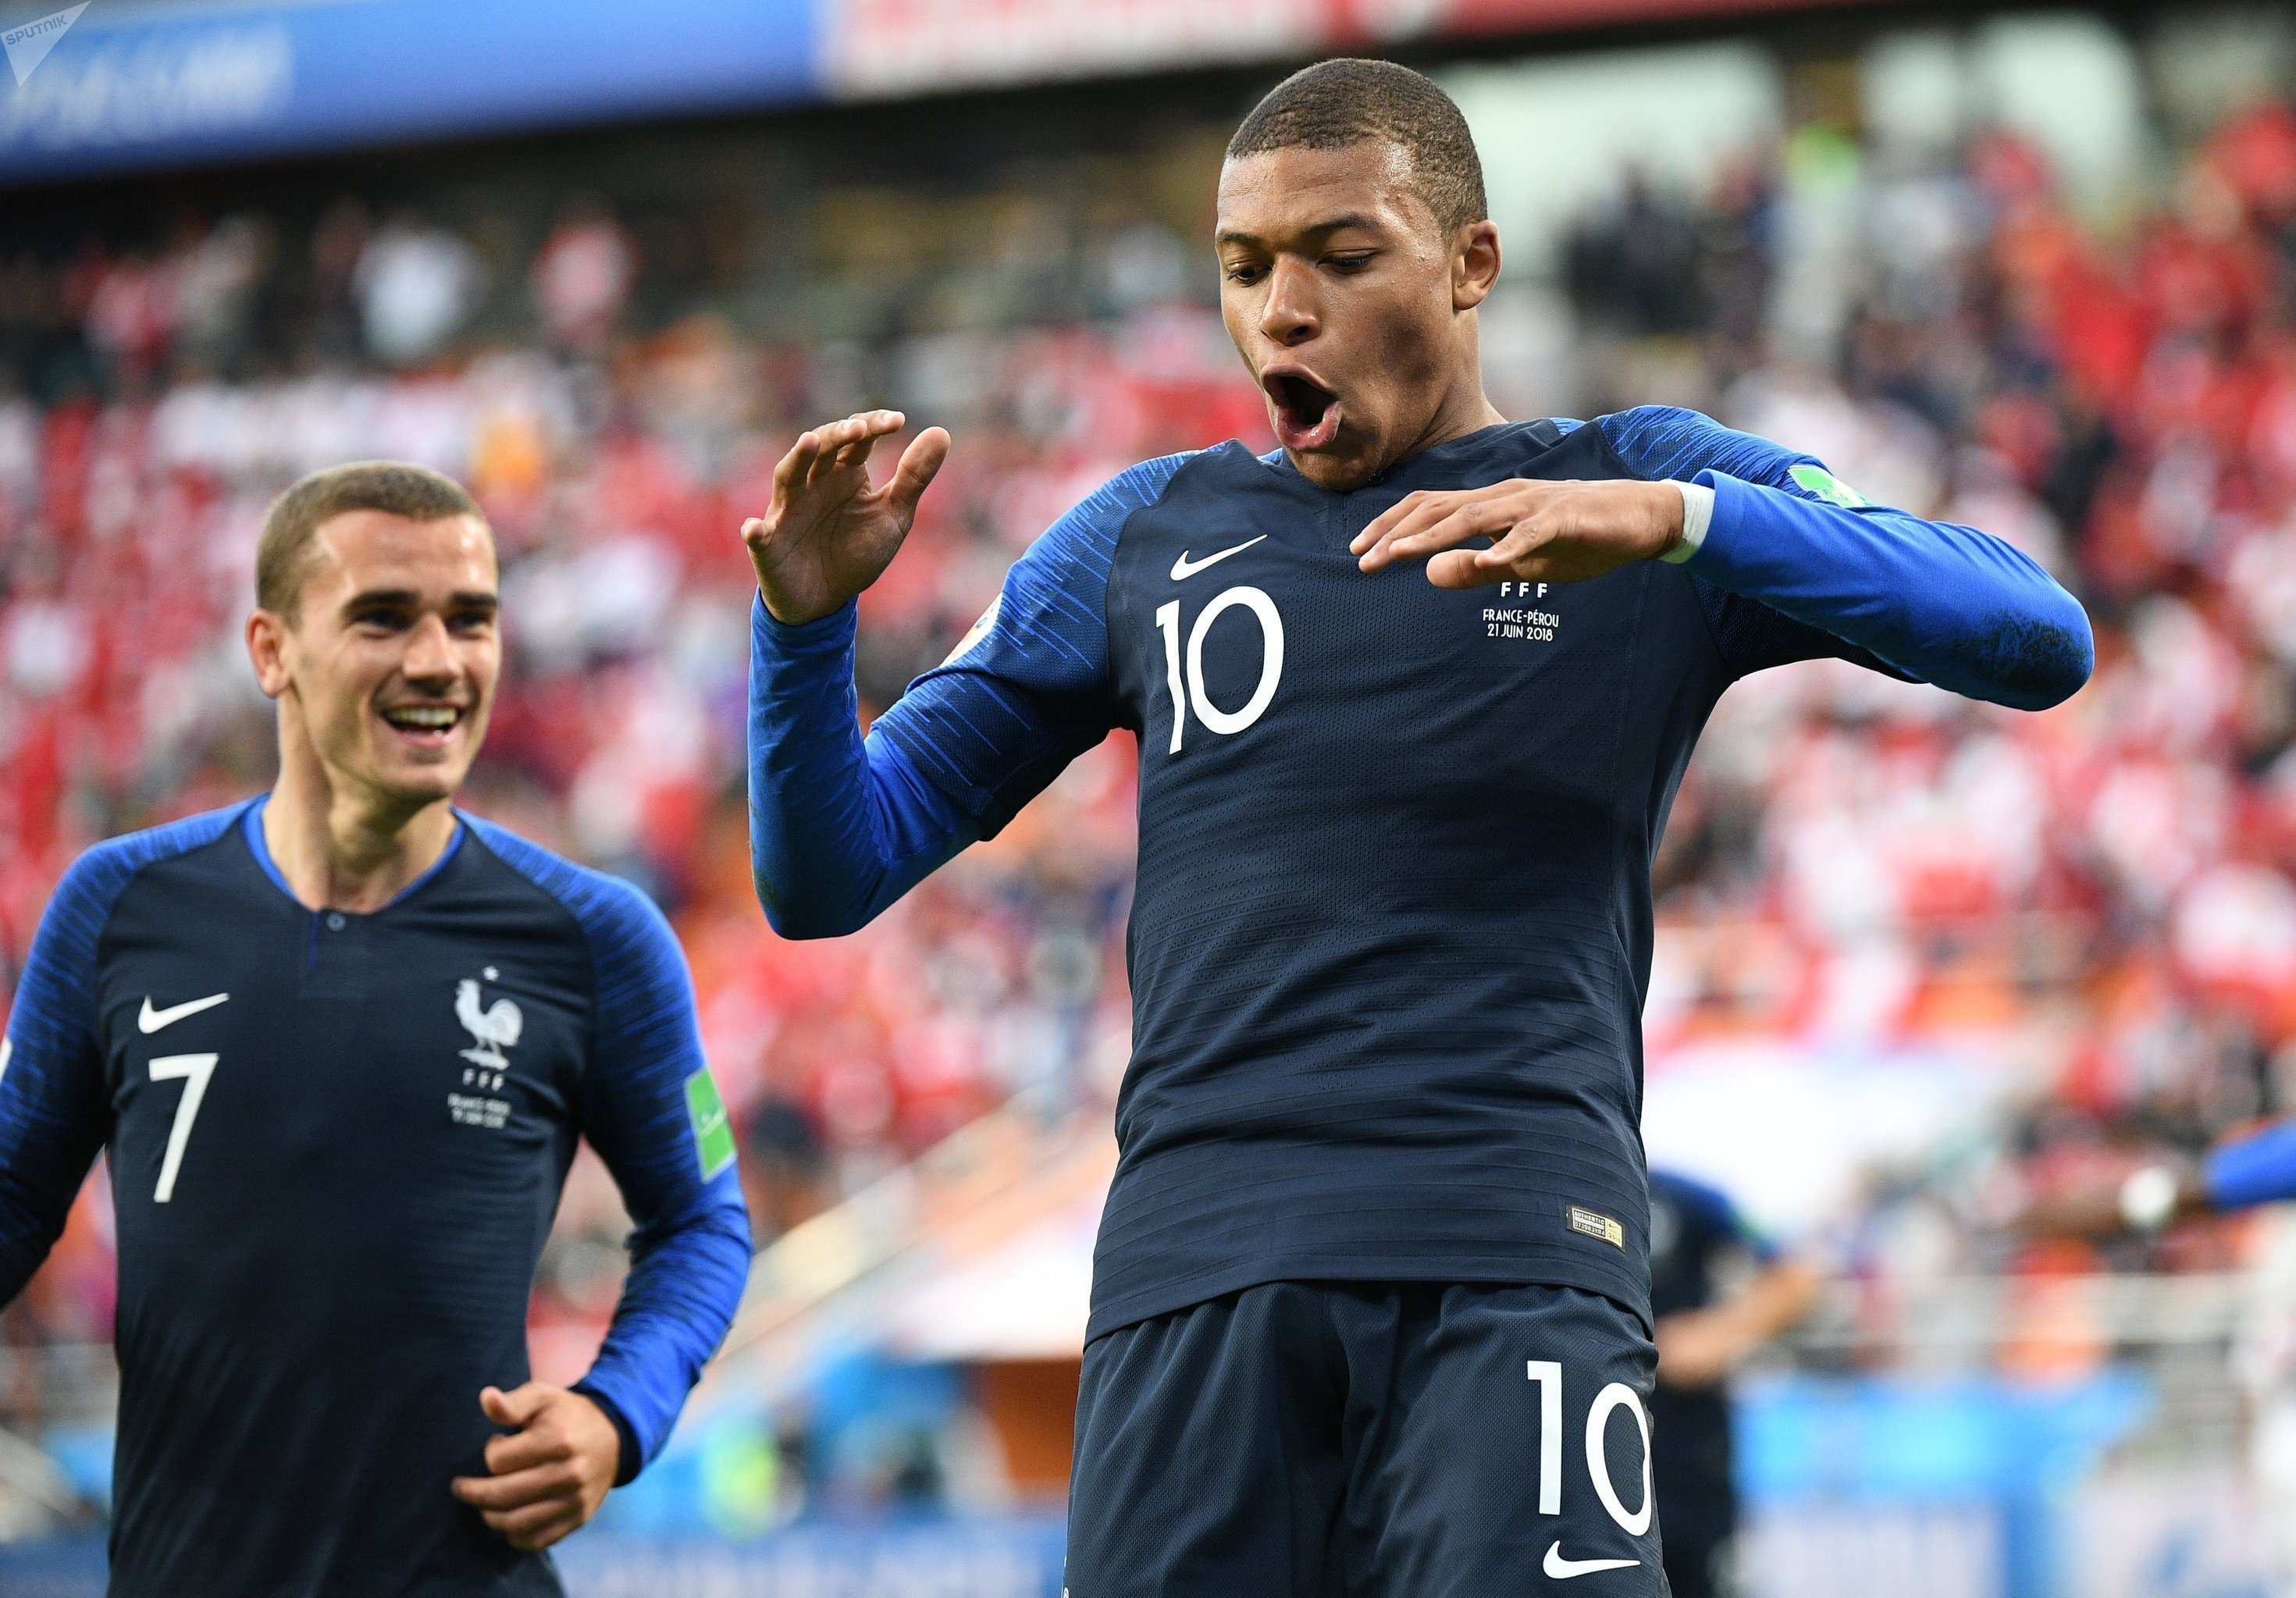 Kylian Mbappé comemora com Antoine Griezmann após marcar na vitória da França por 1 a 0 sobre o Peru